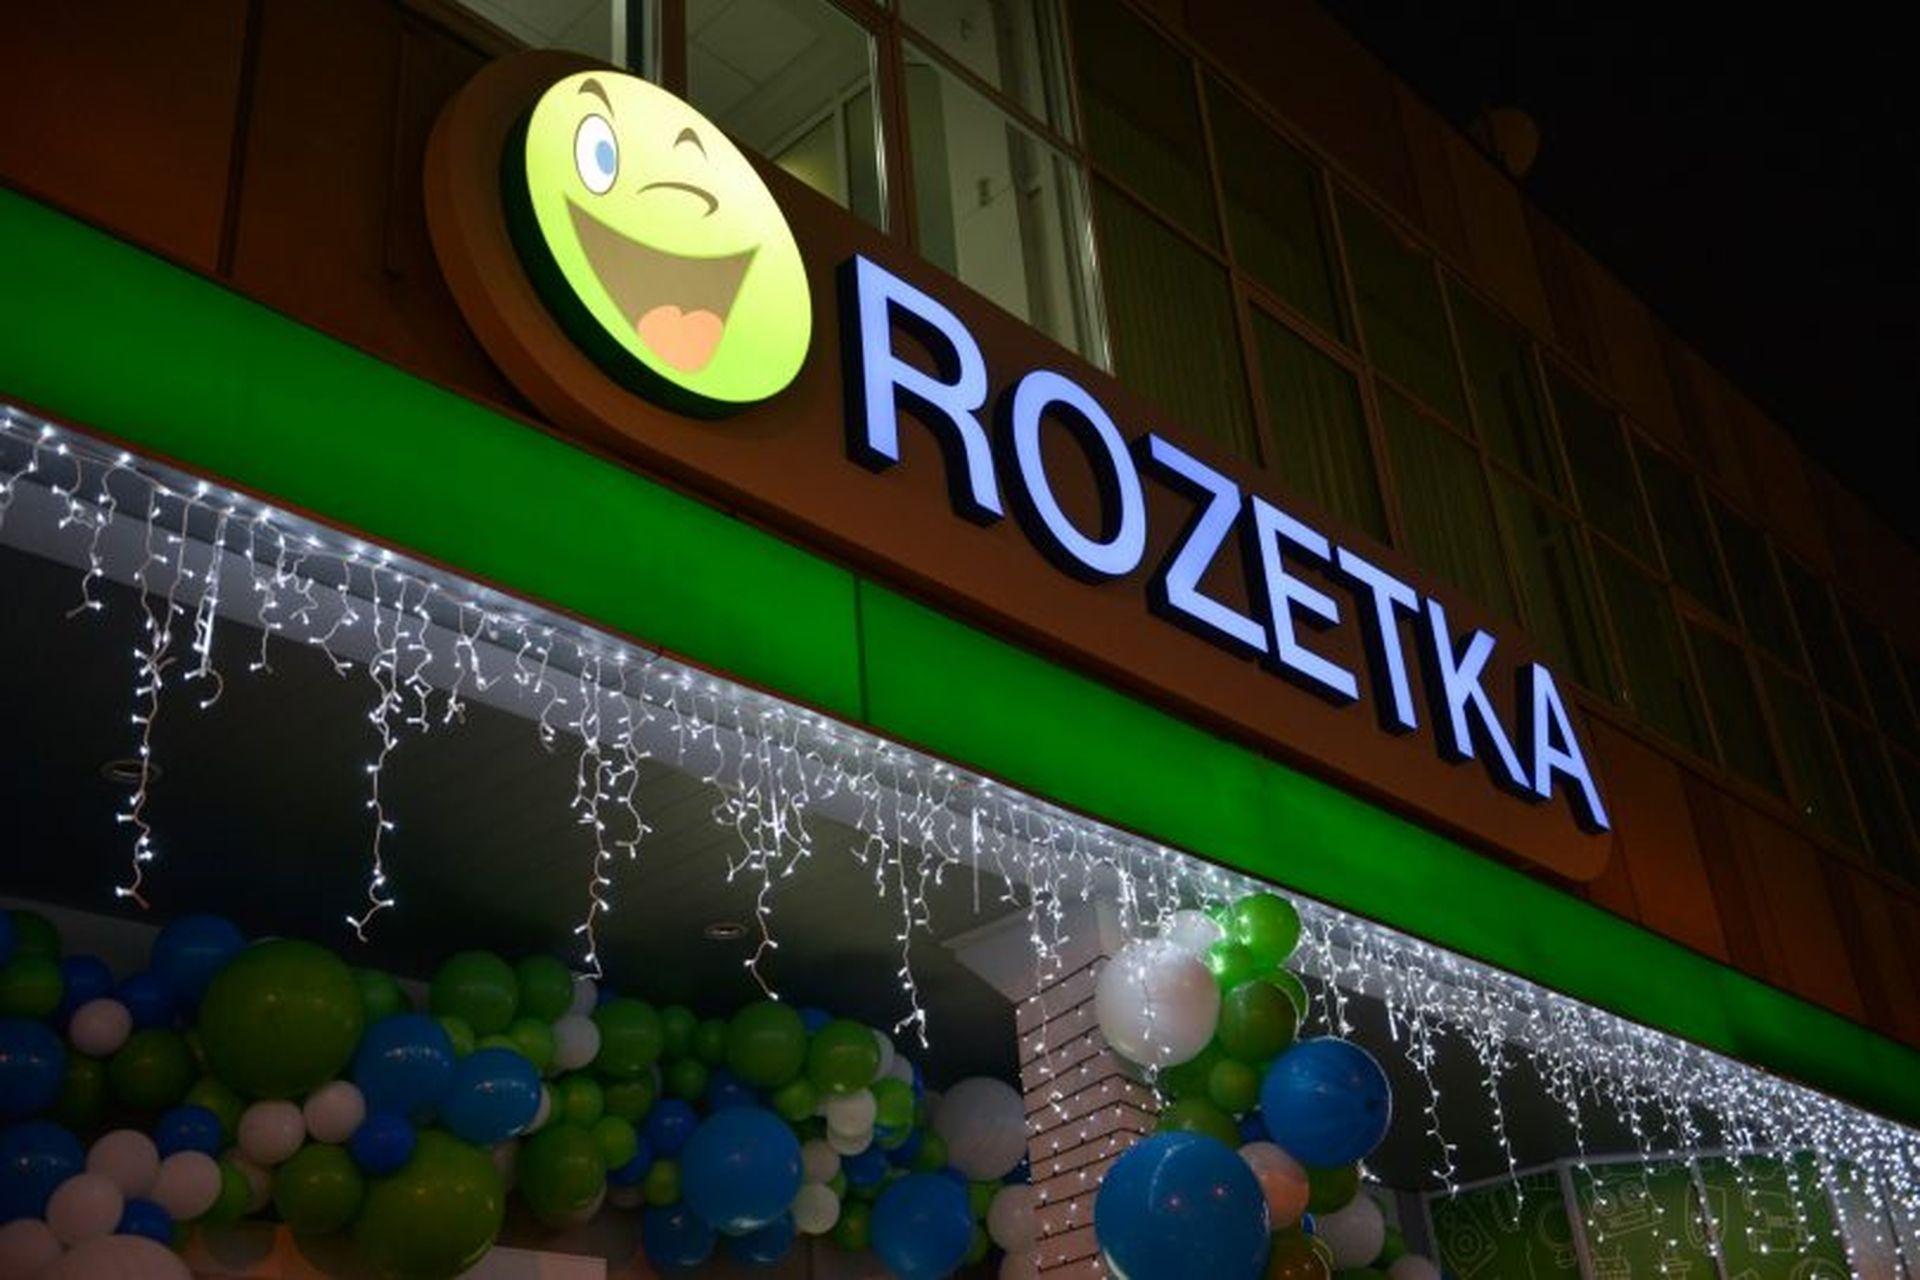 Rozetka відкриває офлайн-магазин в Одесі